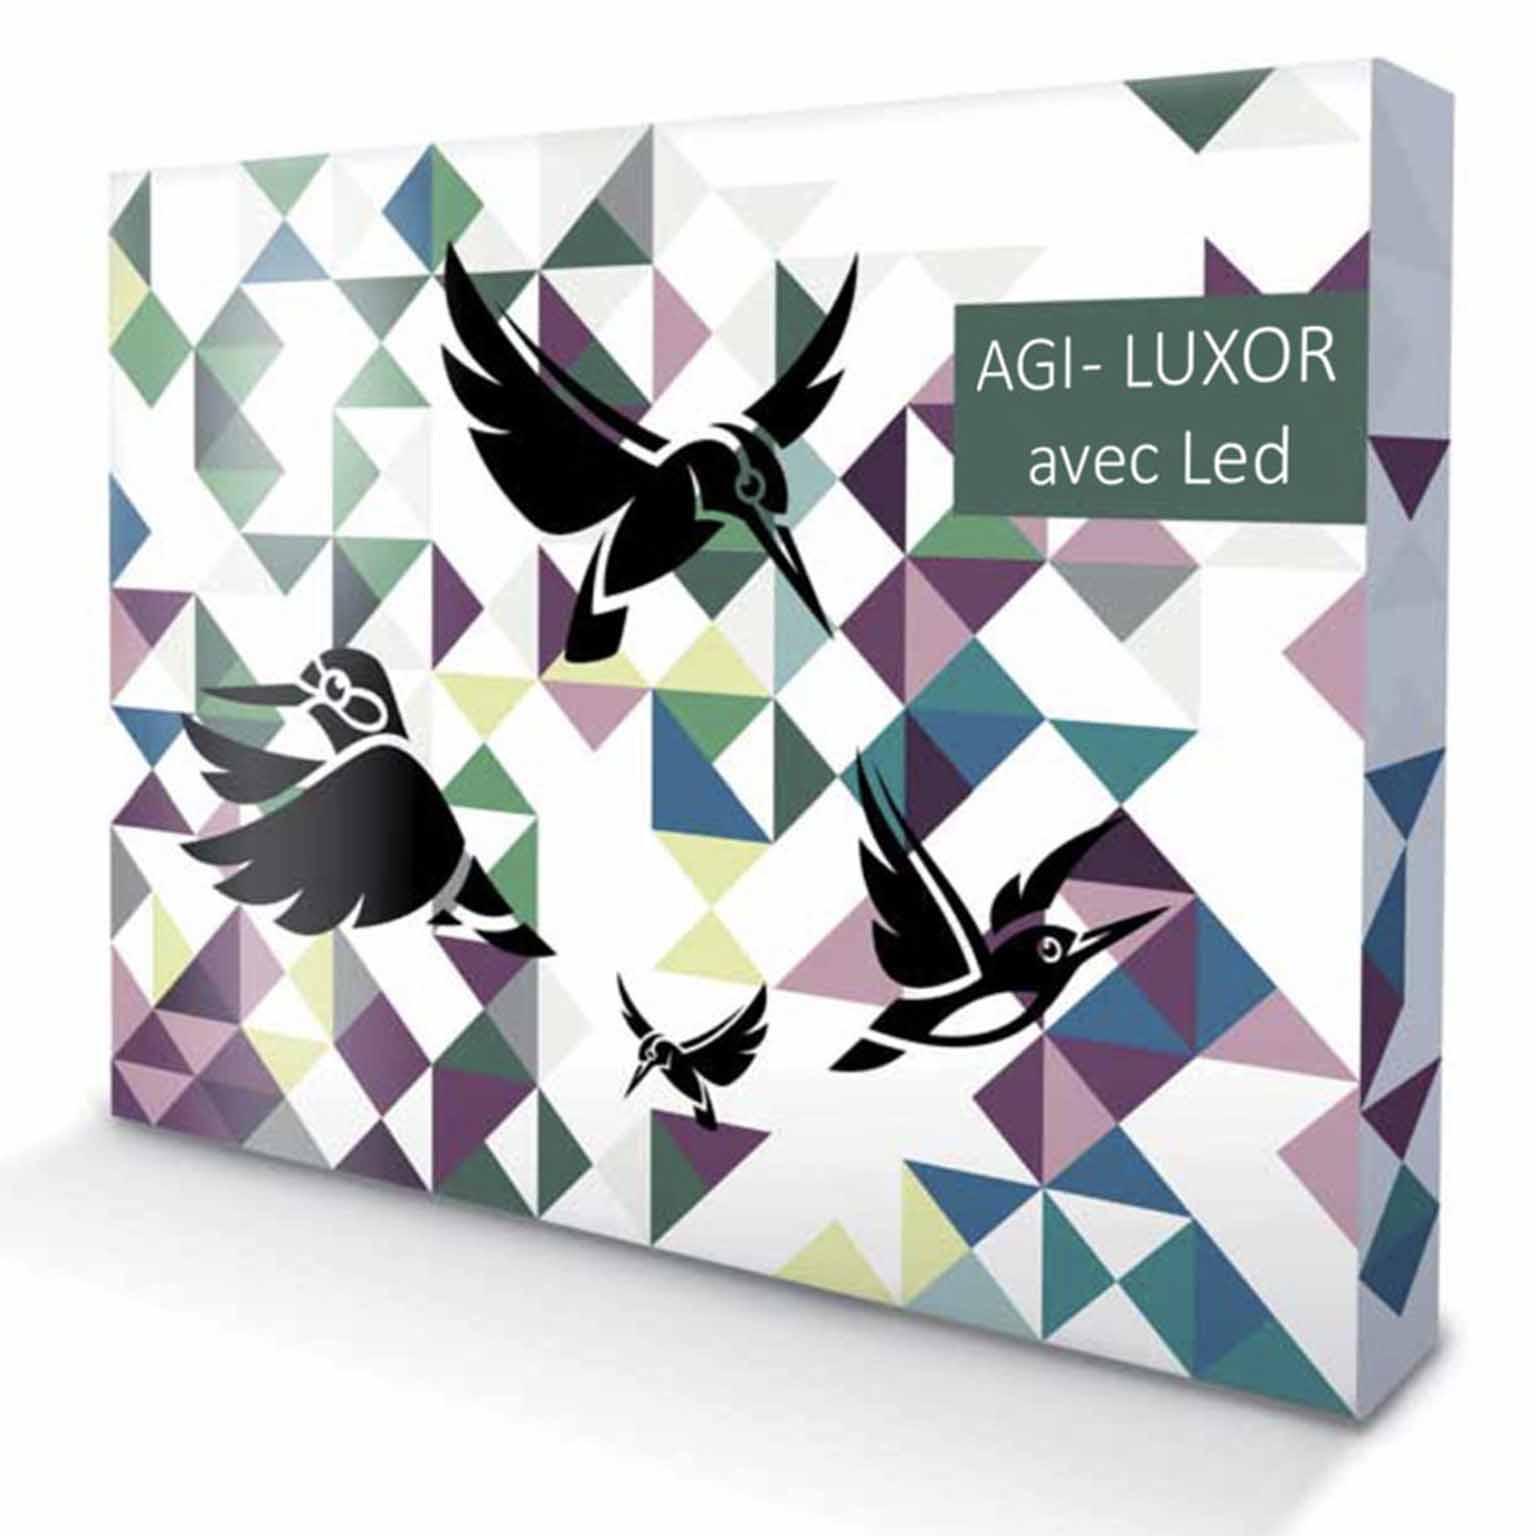 Stand de luxe Parapluie AGI - LUXOR Avec LED